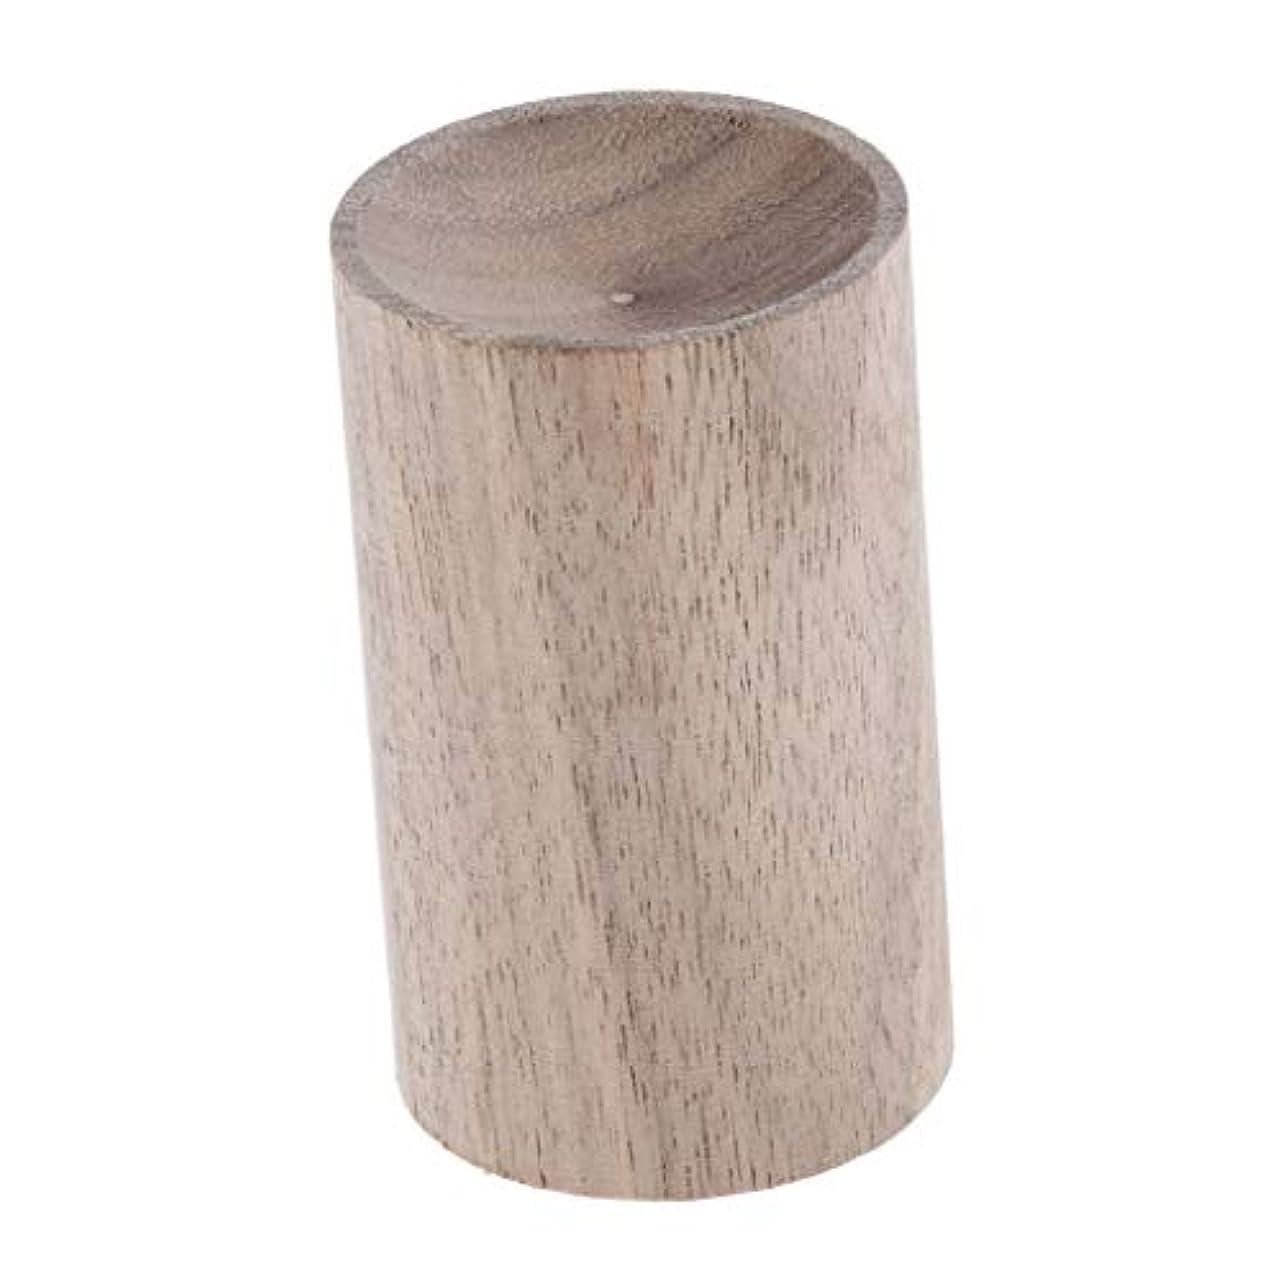 ささやき豚肉うぬぼれPerfeclan 天然木 エアフレッシュナー エッセンシャルオイル 香水 アロマディフューザー 使いやすい 2種選ぶ - 02, 3.2cm